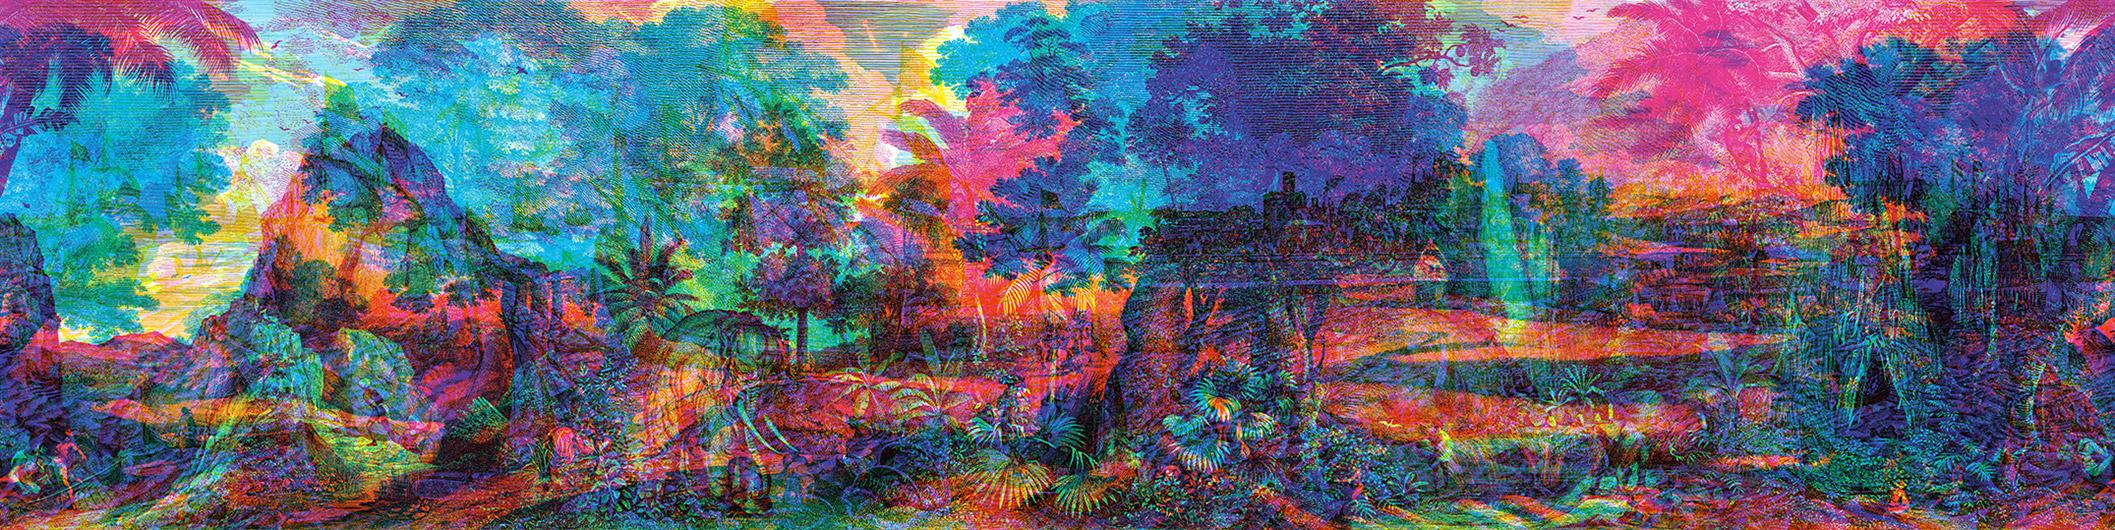 RGB © Carnovsky